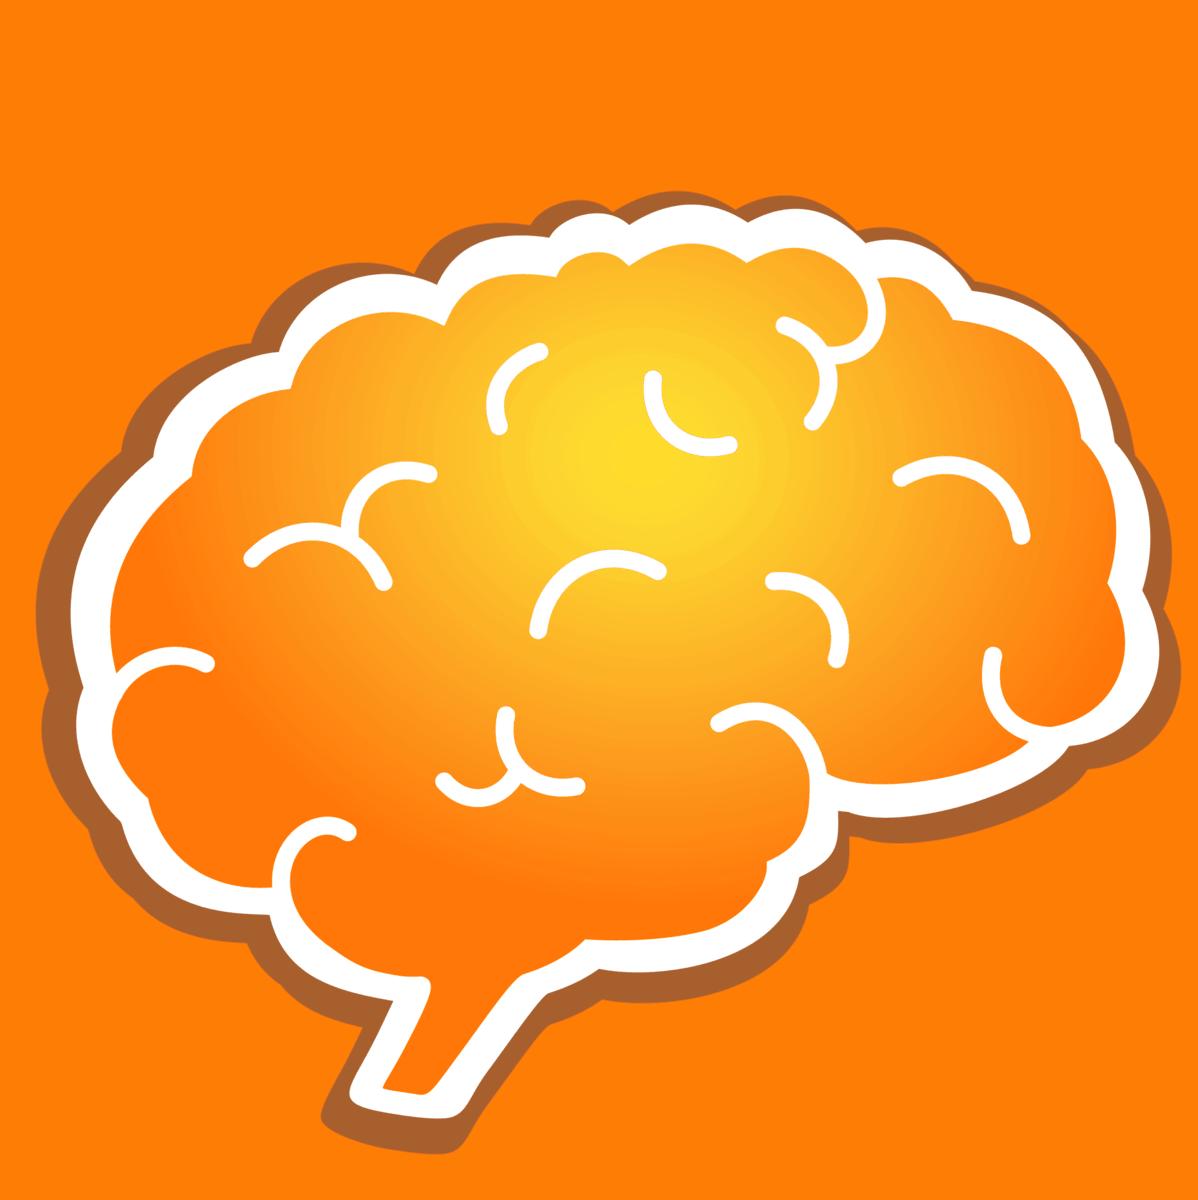 Memories clipart alzheimer's. How percepta works memory